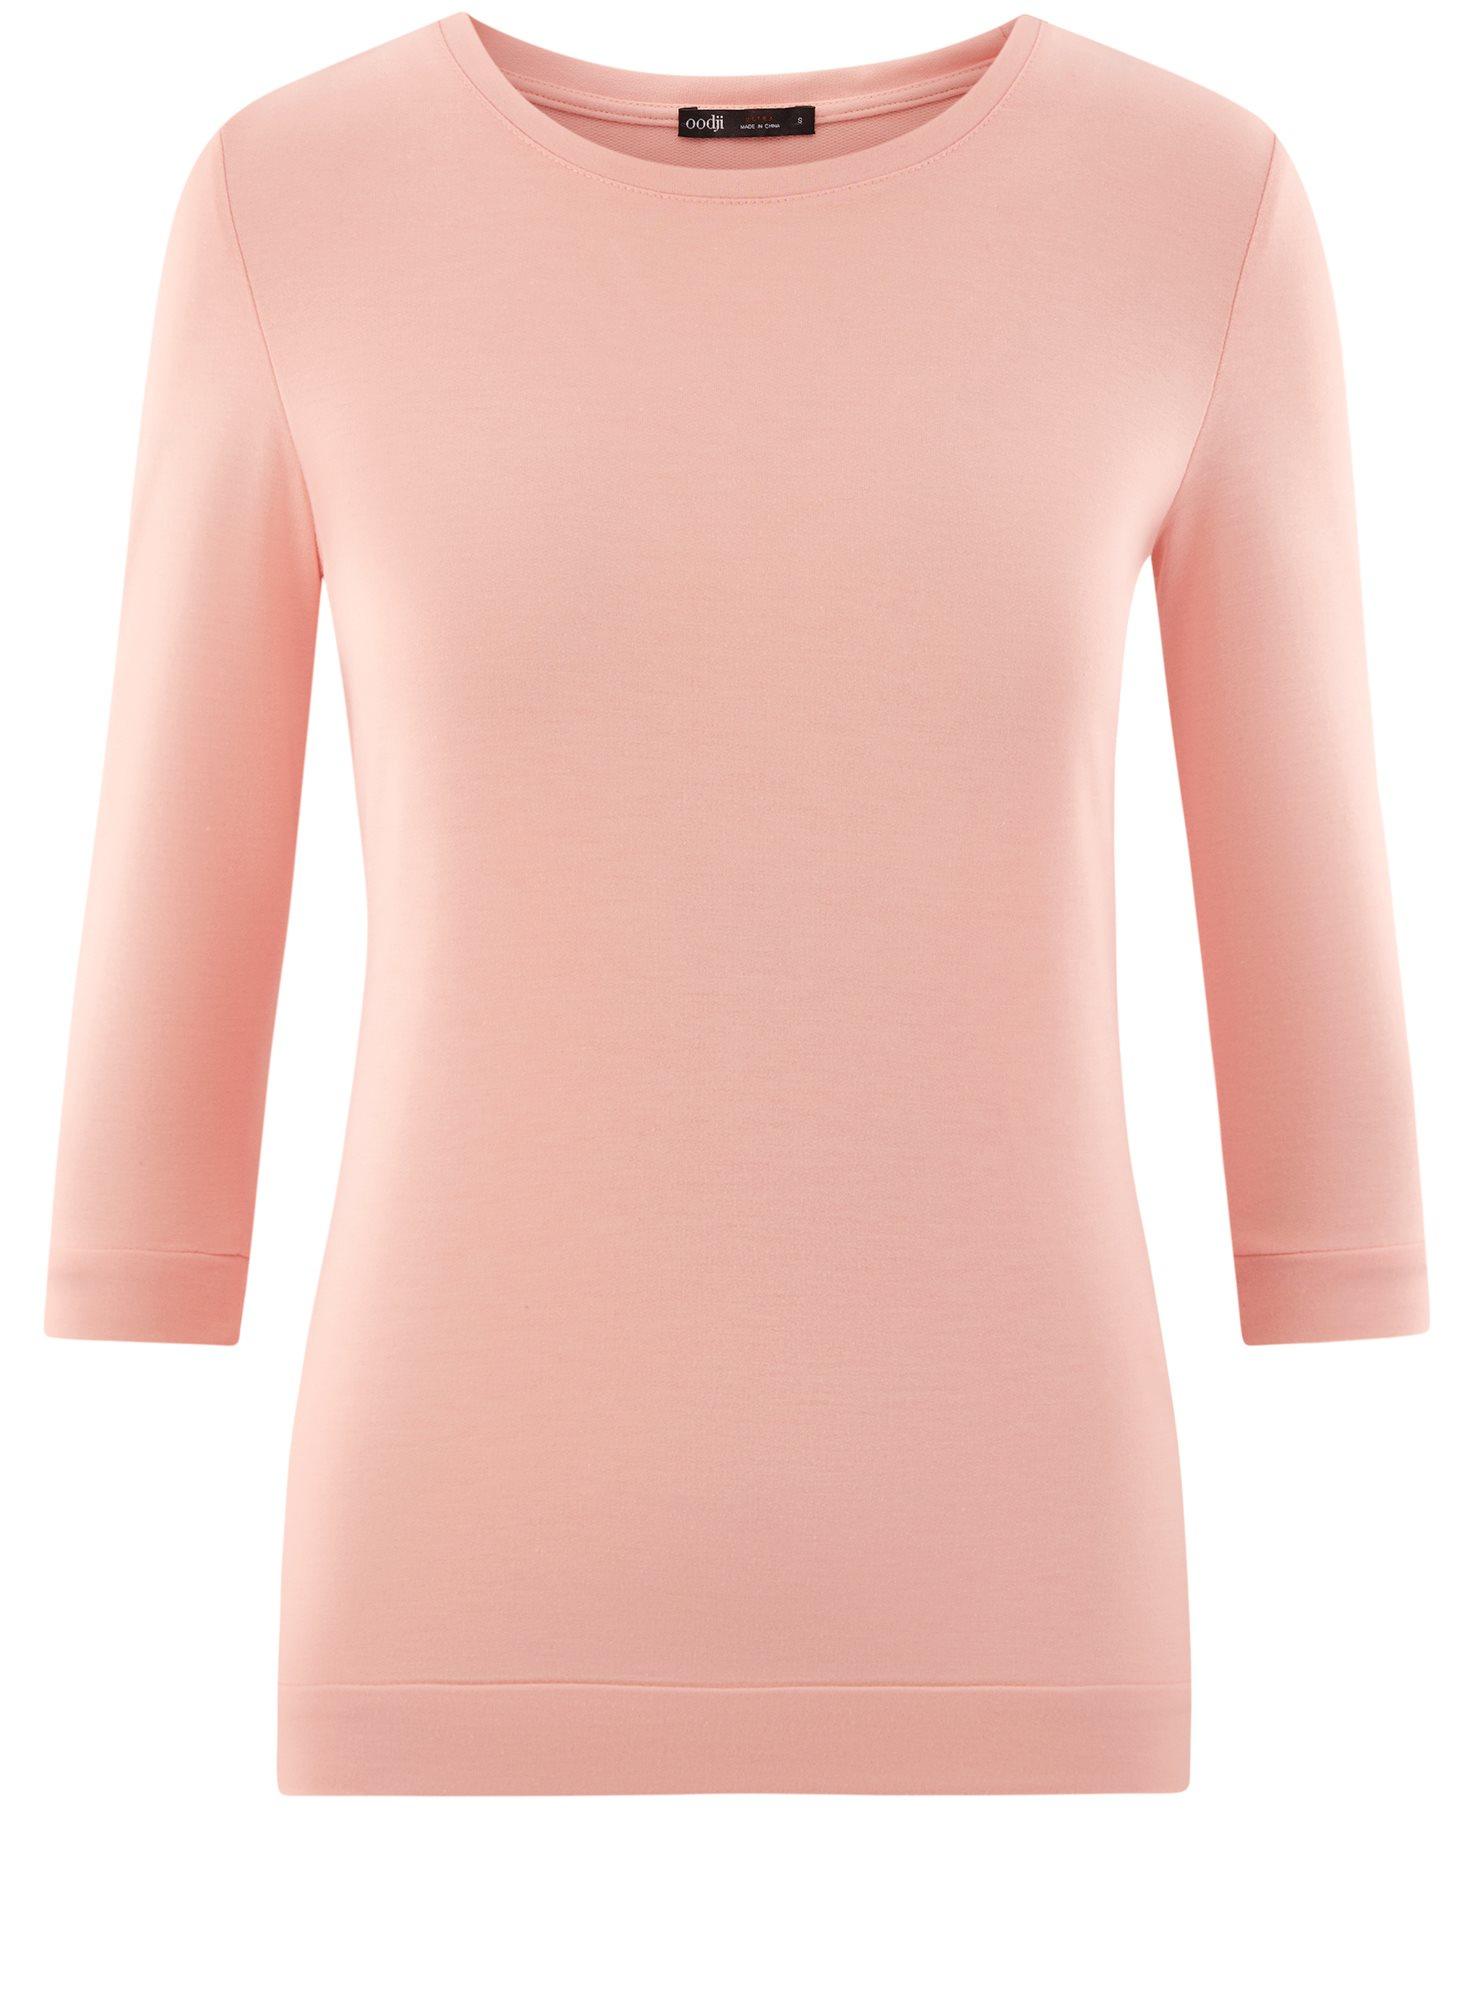 Свитшот базовый с рукавом 3/4 oodji для женщины (розовый), 14801021-3B/45493/4000N